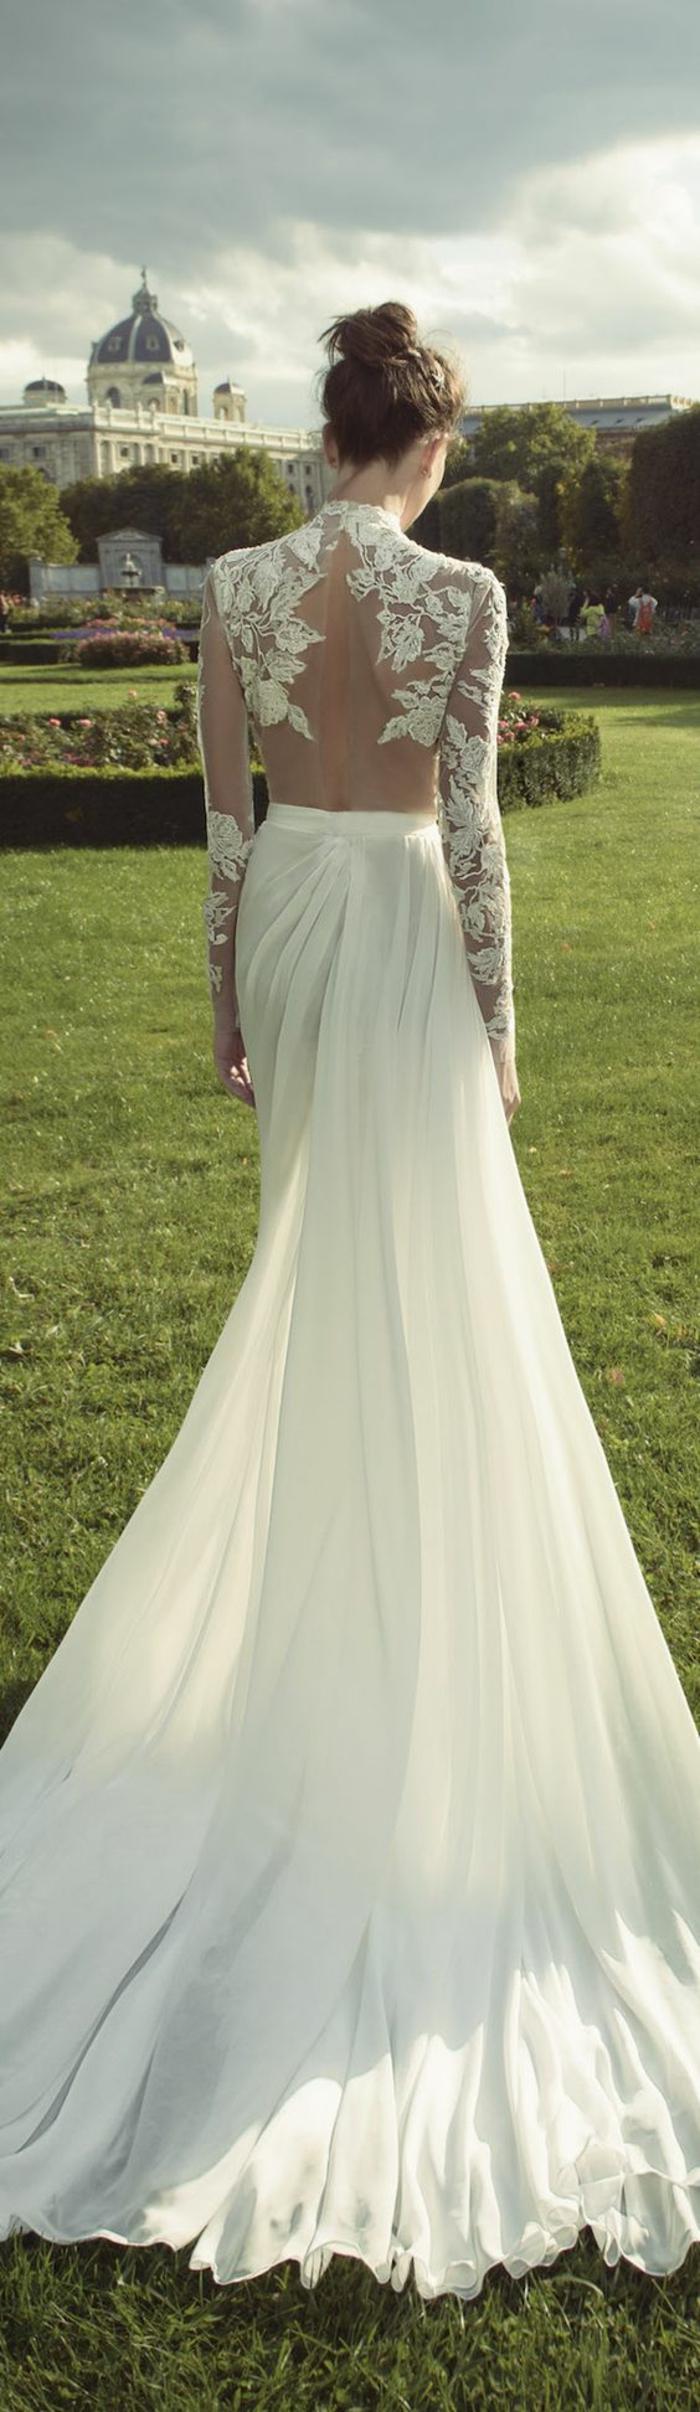 une robe de mariée longue à coupe élégante et chic, robe à col roulé et à dos nu, manches longues dentelle